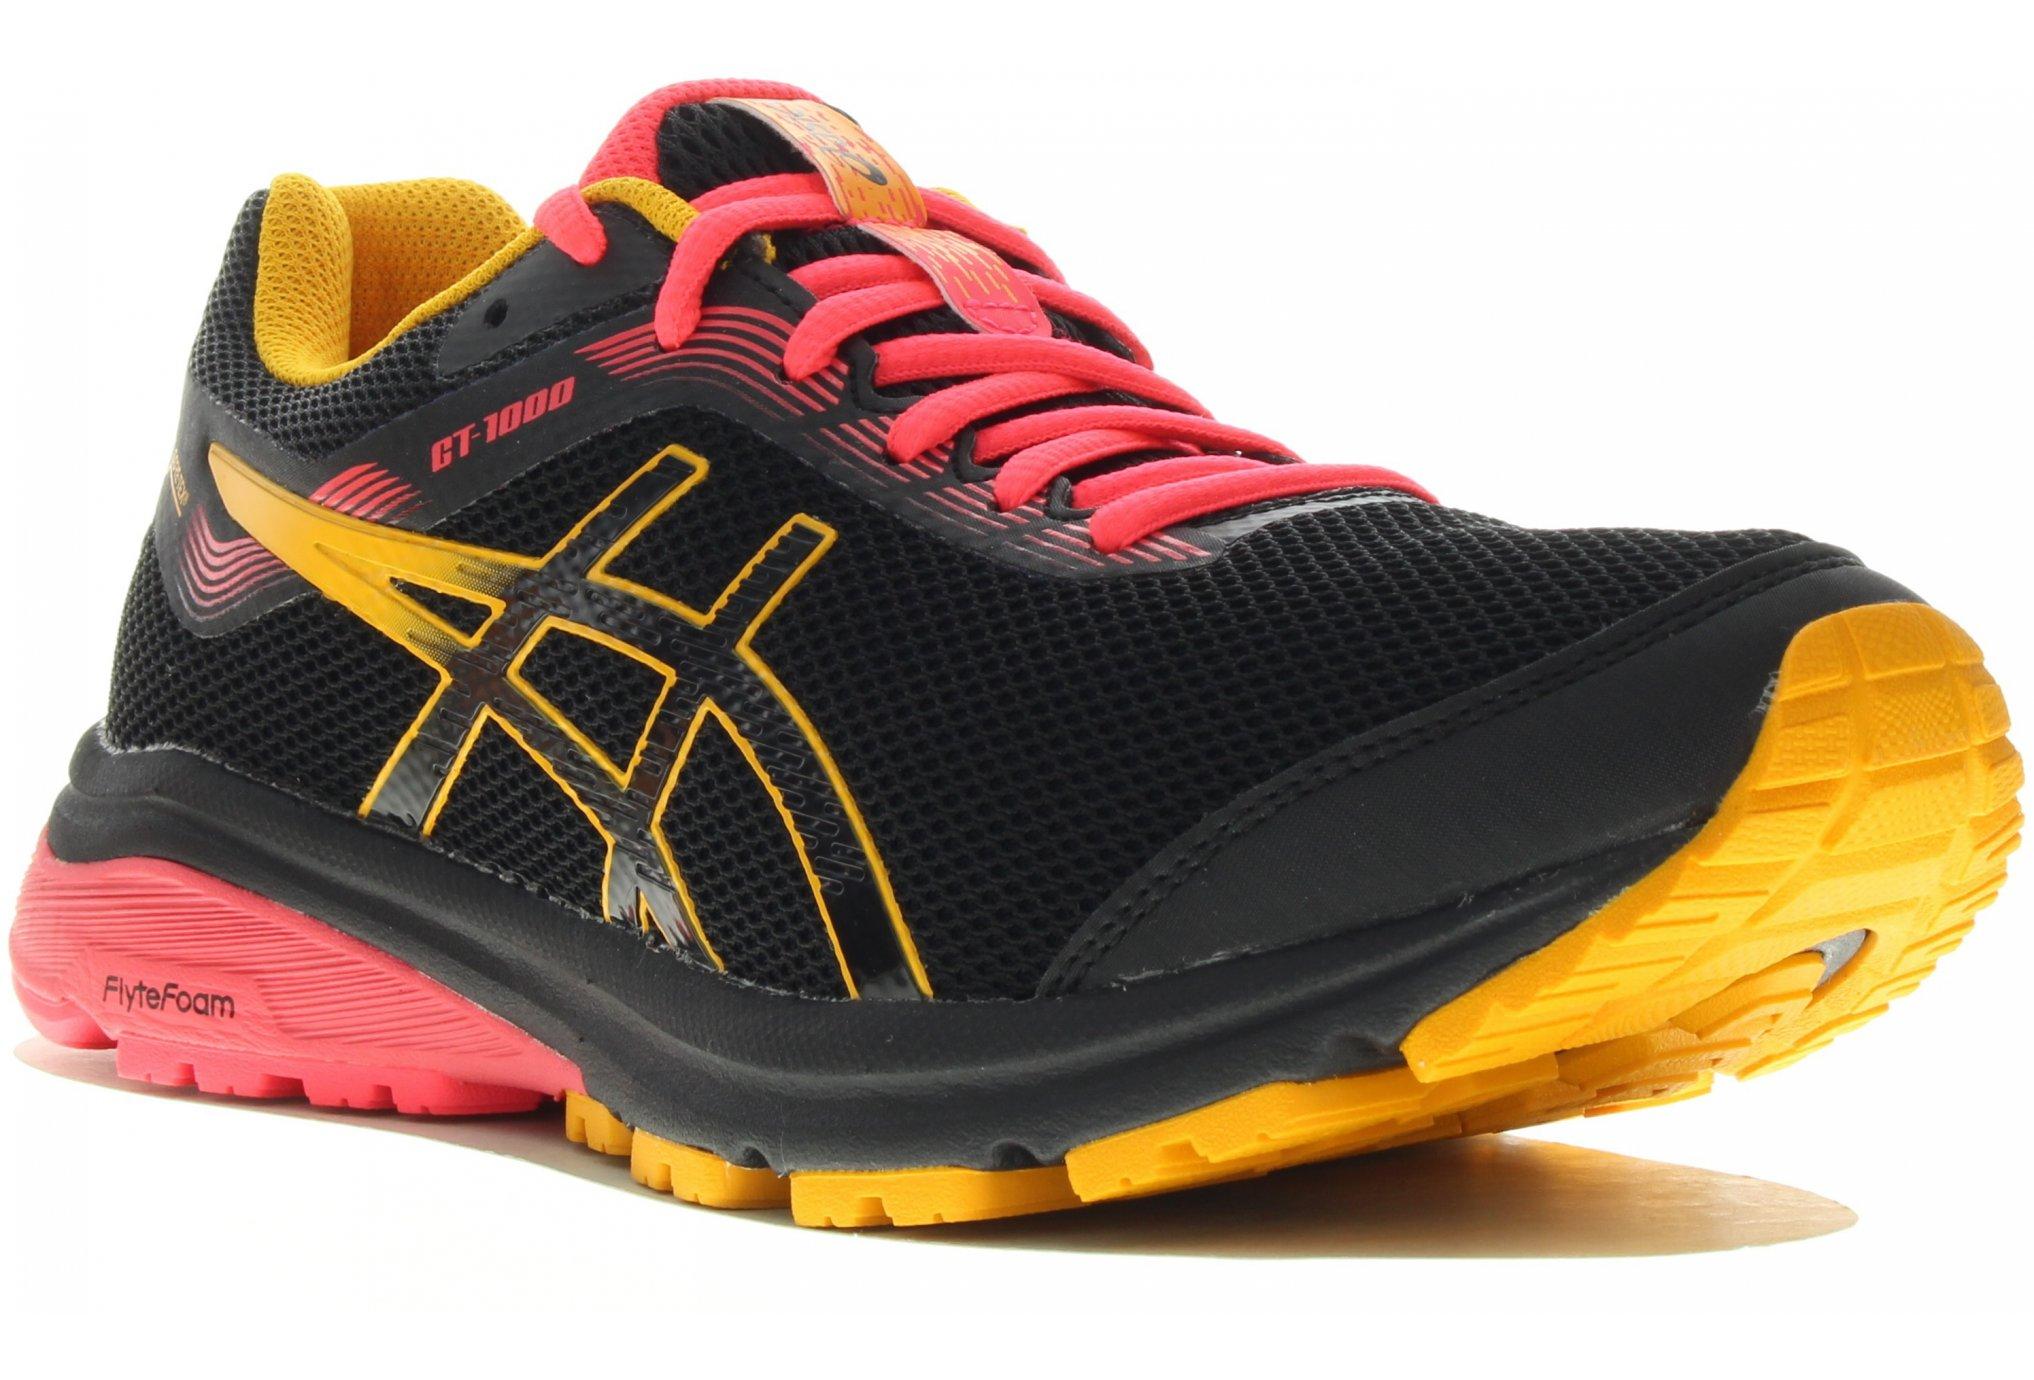 Asics GT-1000 7 Gore-Tex W Chaussures running femme